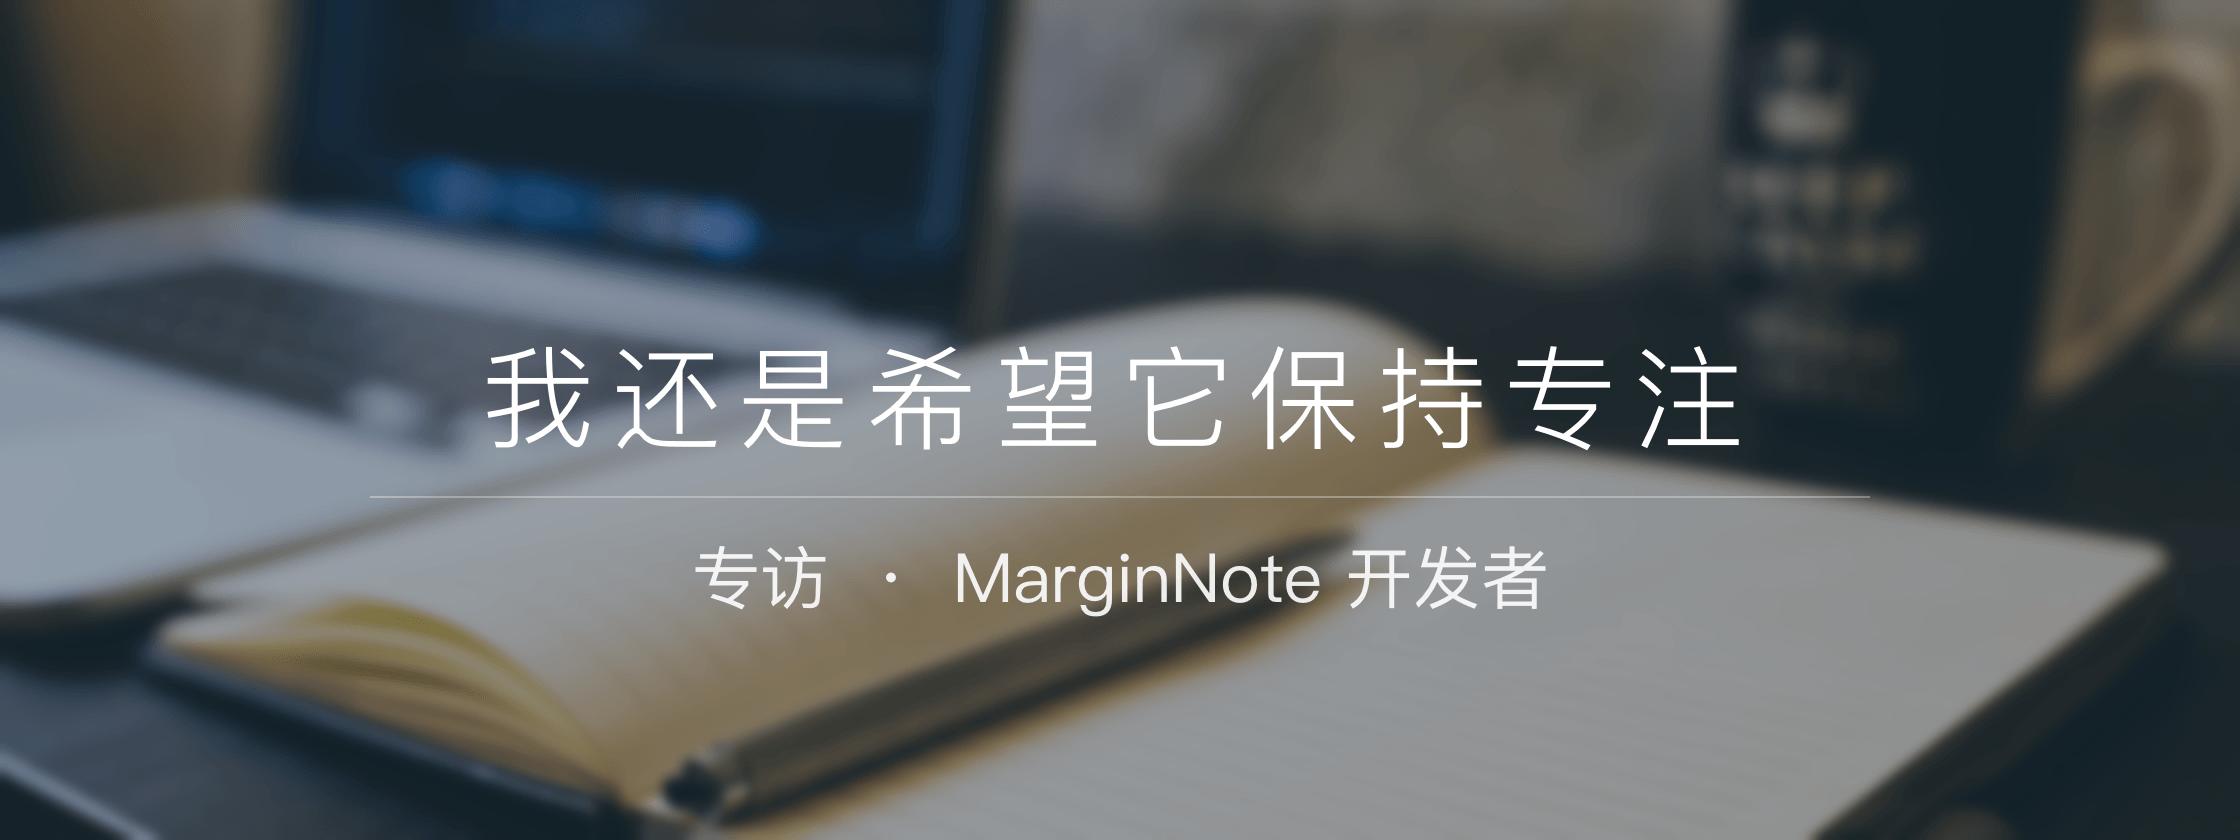 专访 MarginNote:我还是希望它保持专注